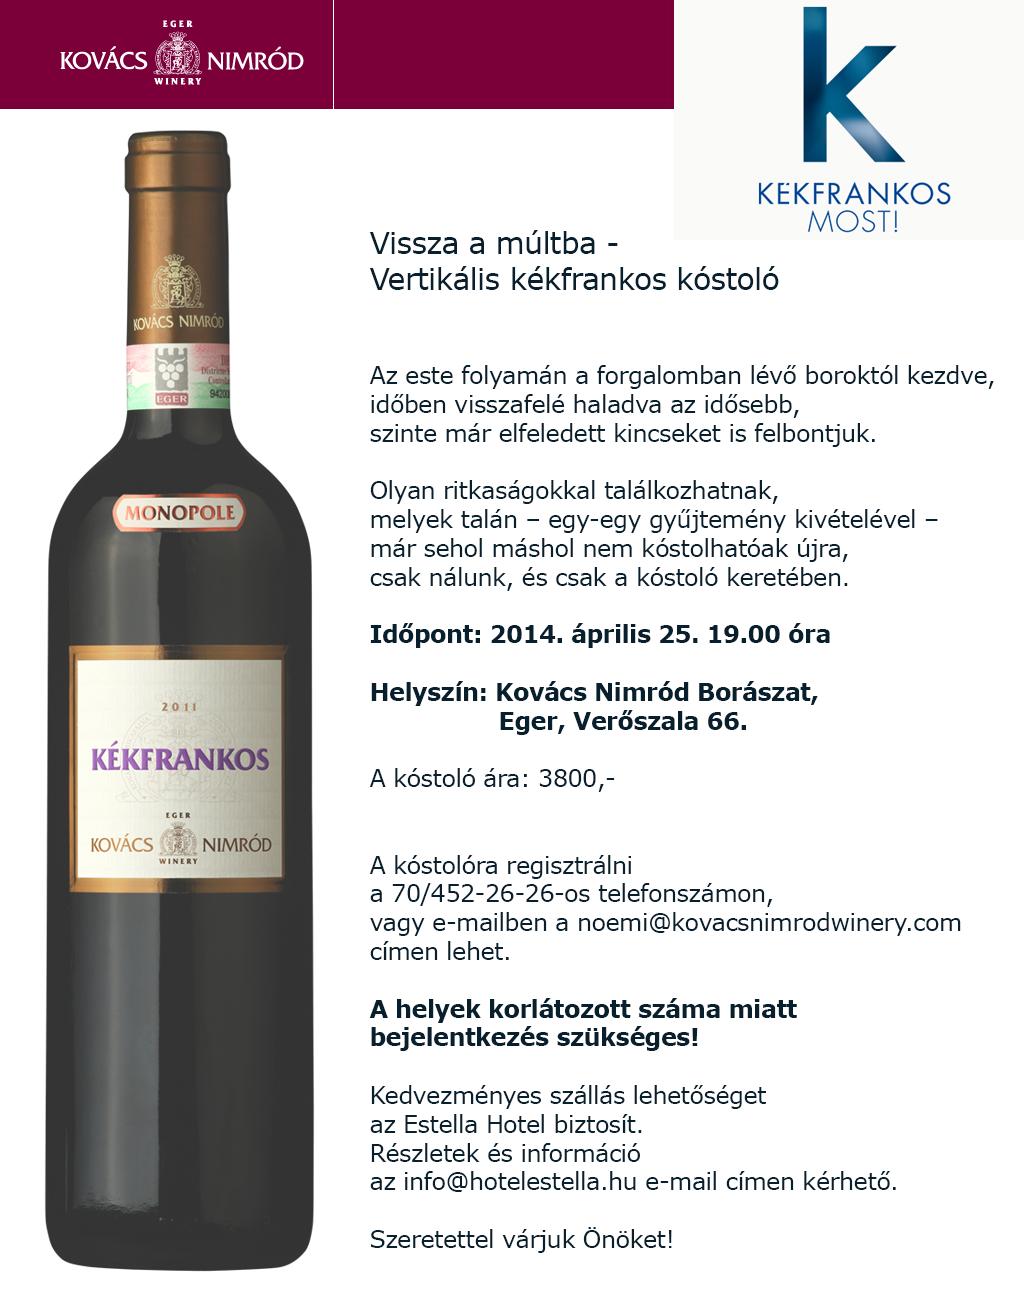 Vertikális Kékfrankos Kóstoló - Kovács Nimród Winery